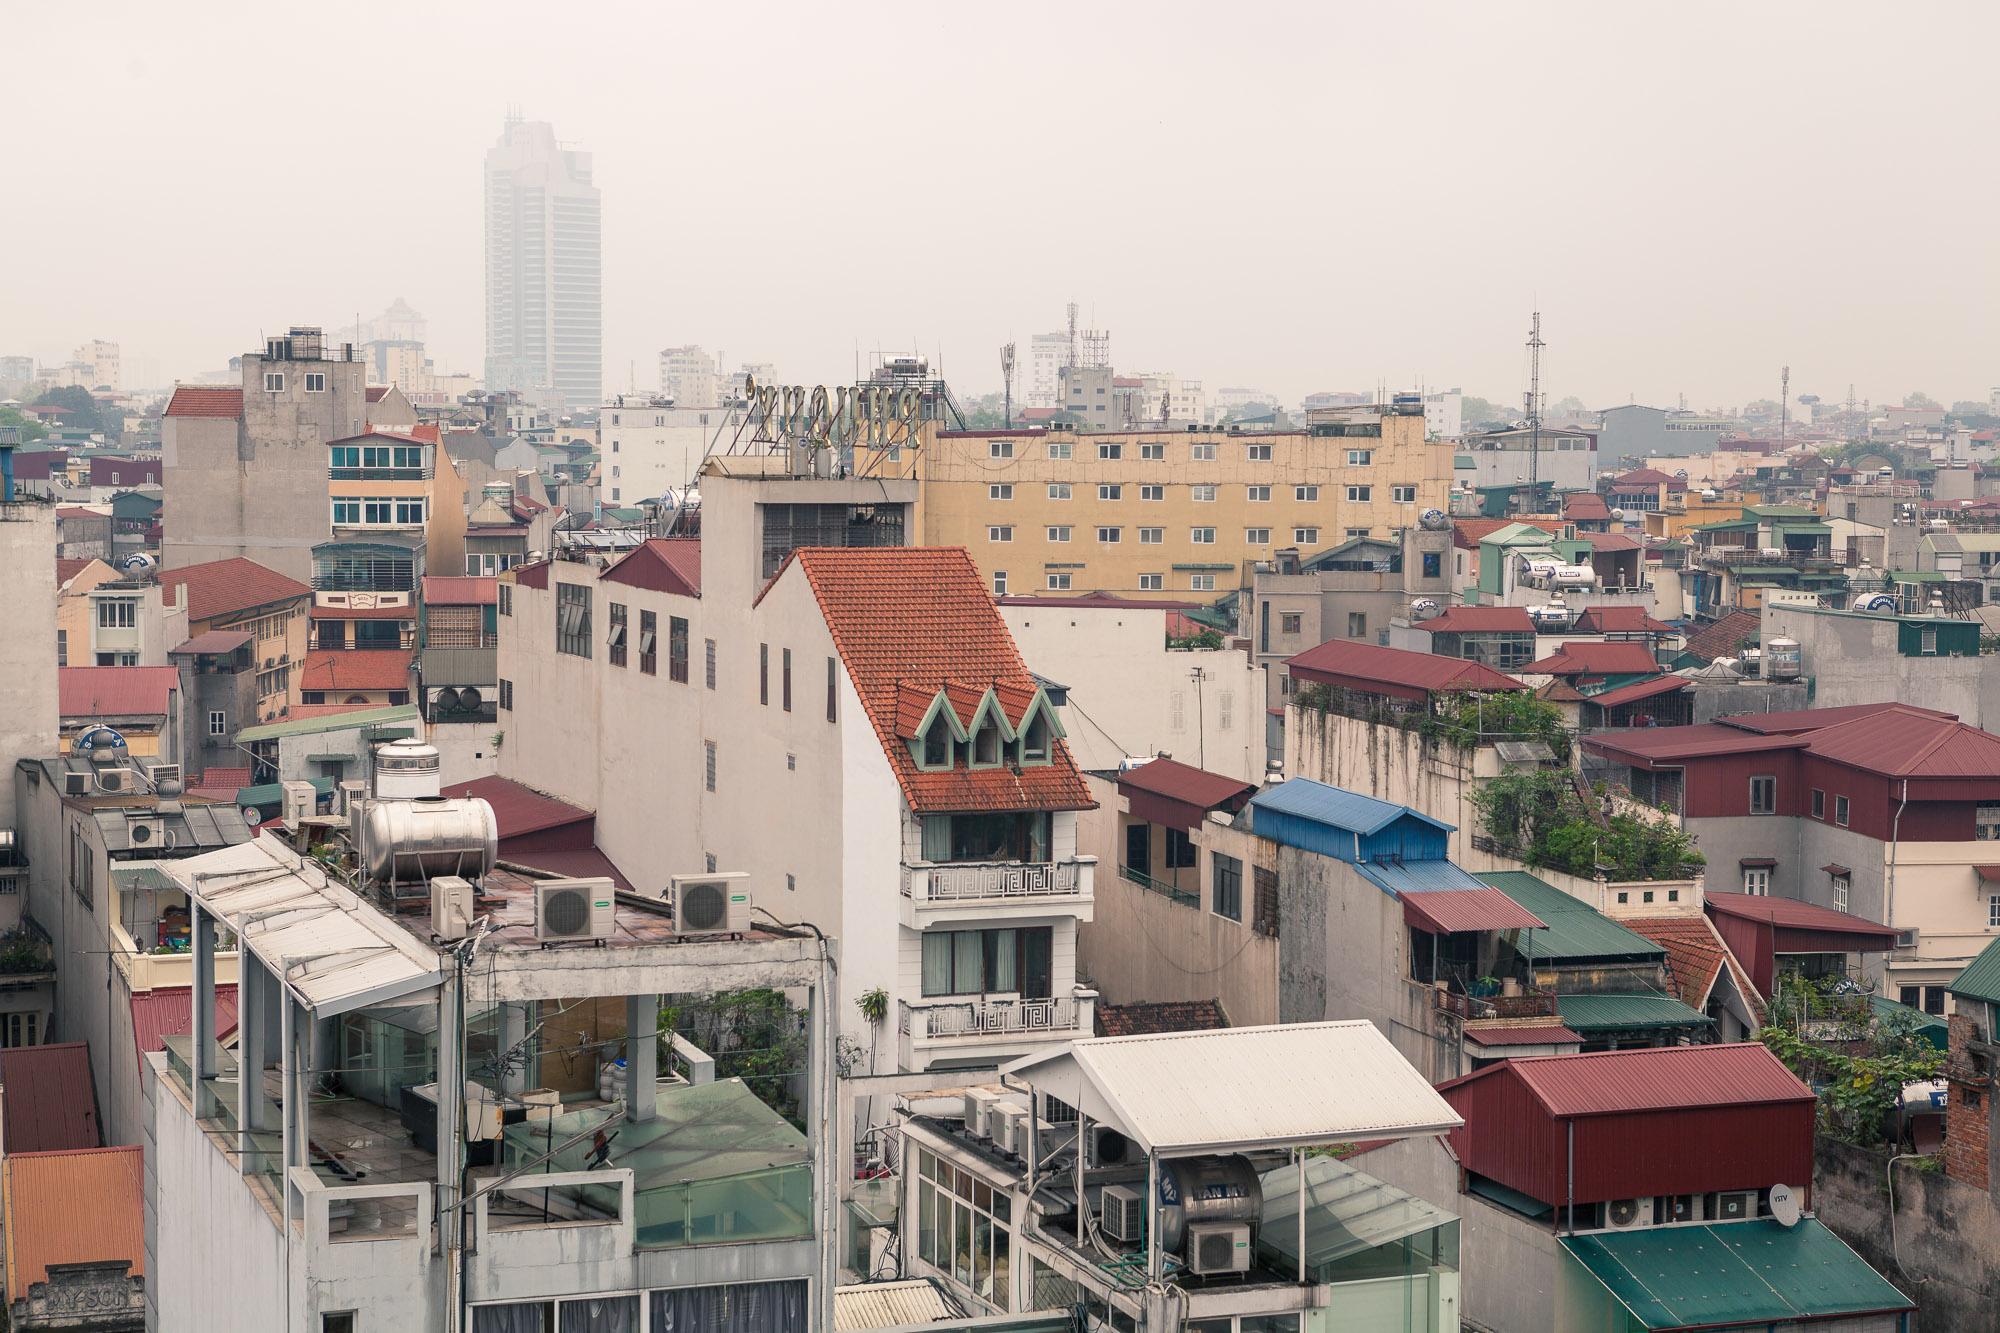 Wiegelmann-Vietnam-Hanoi-130409-01